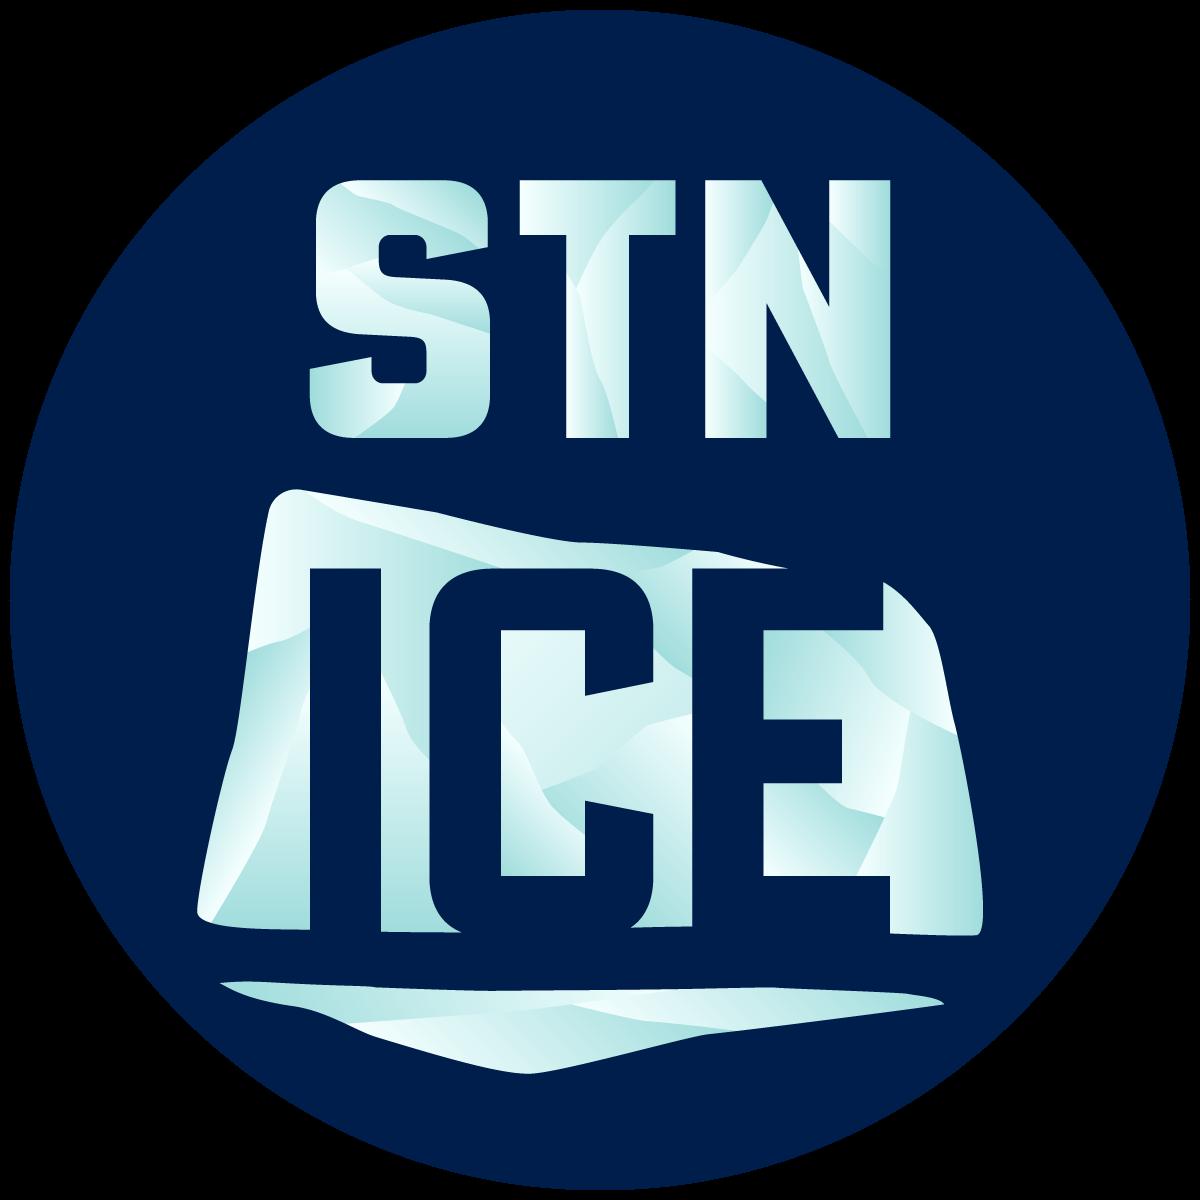 stn ice logo 1